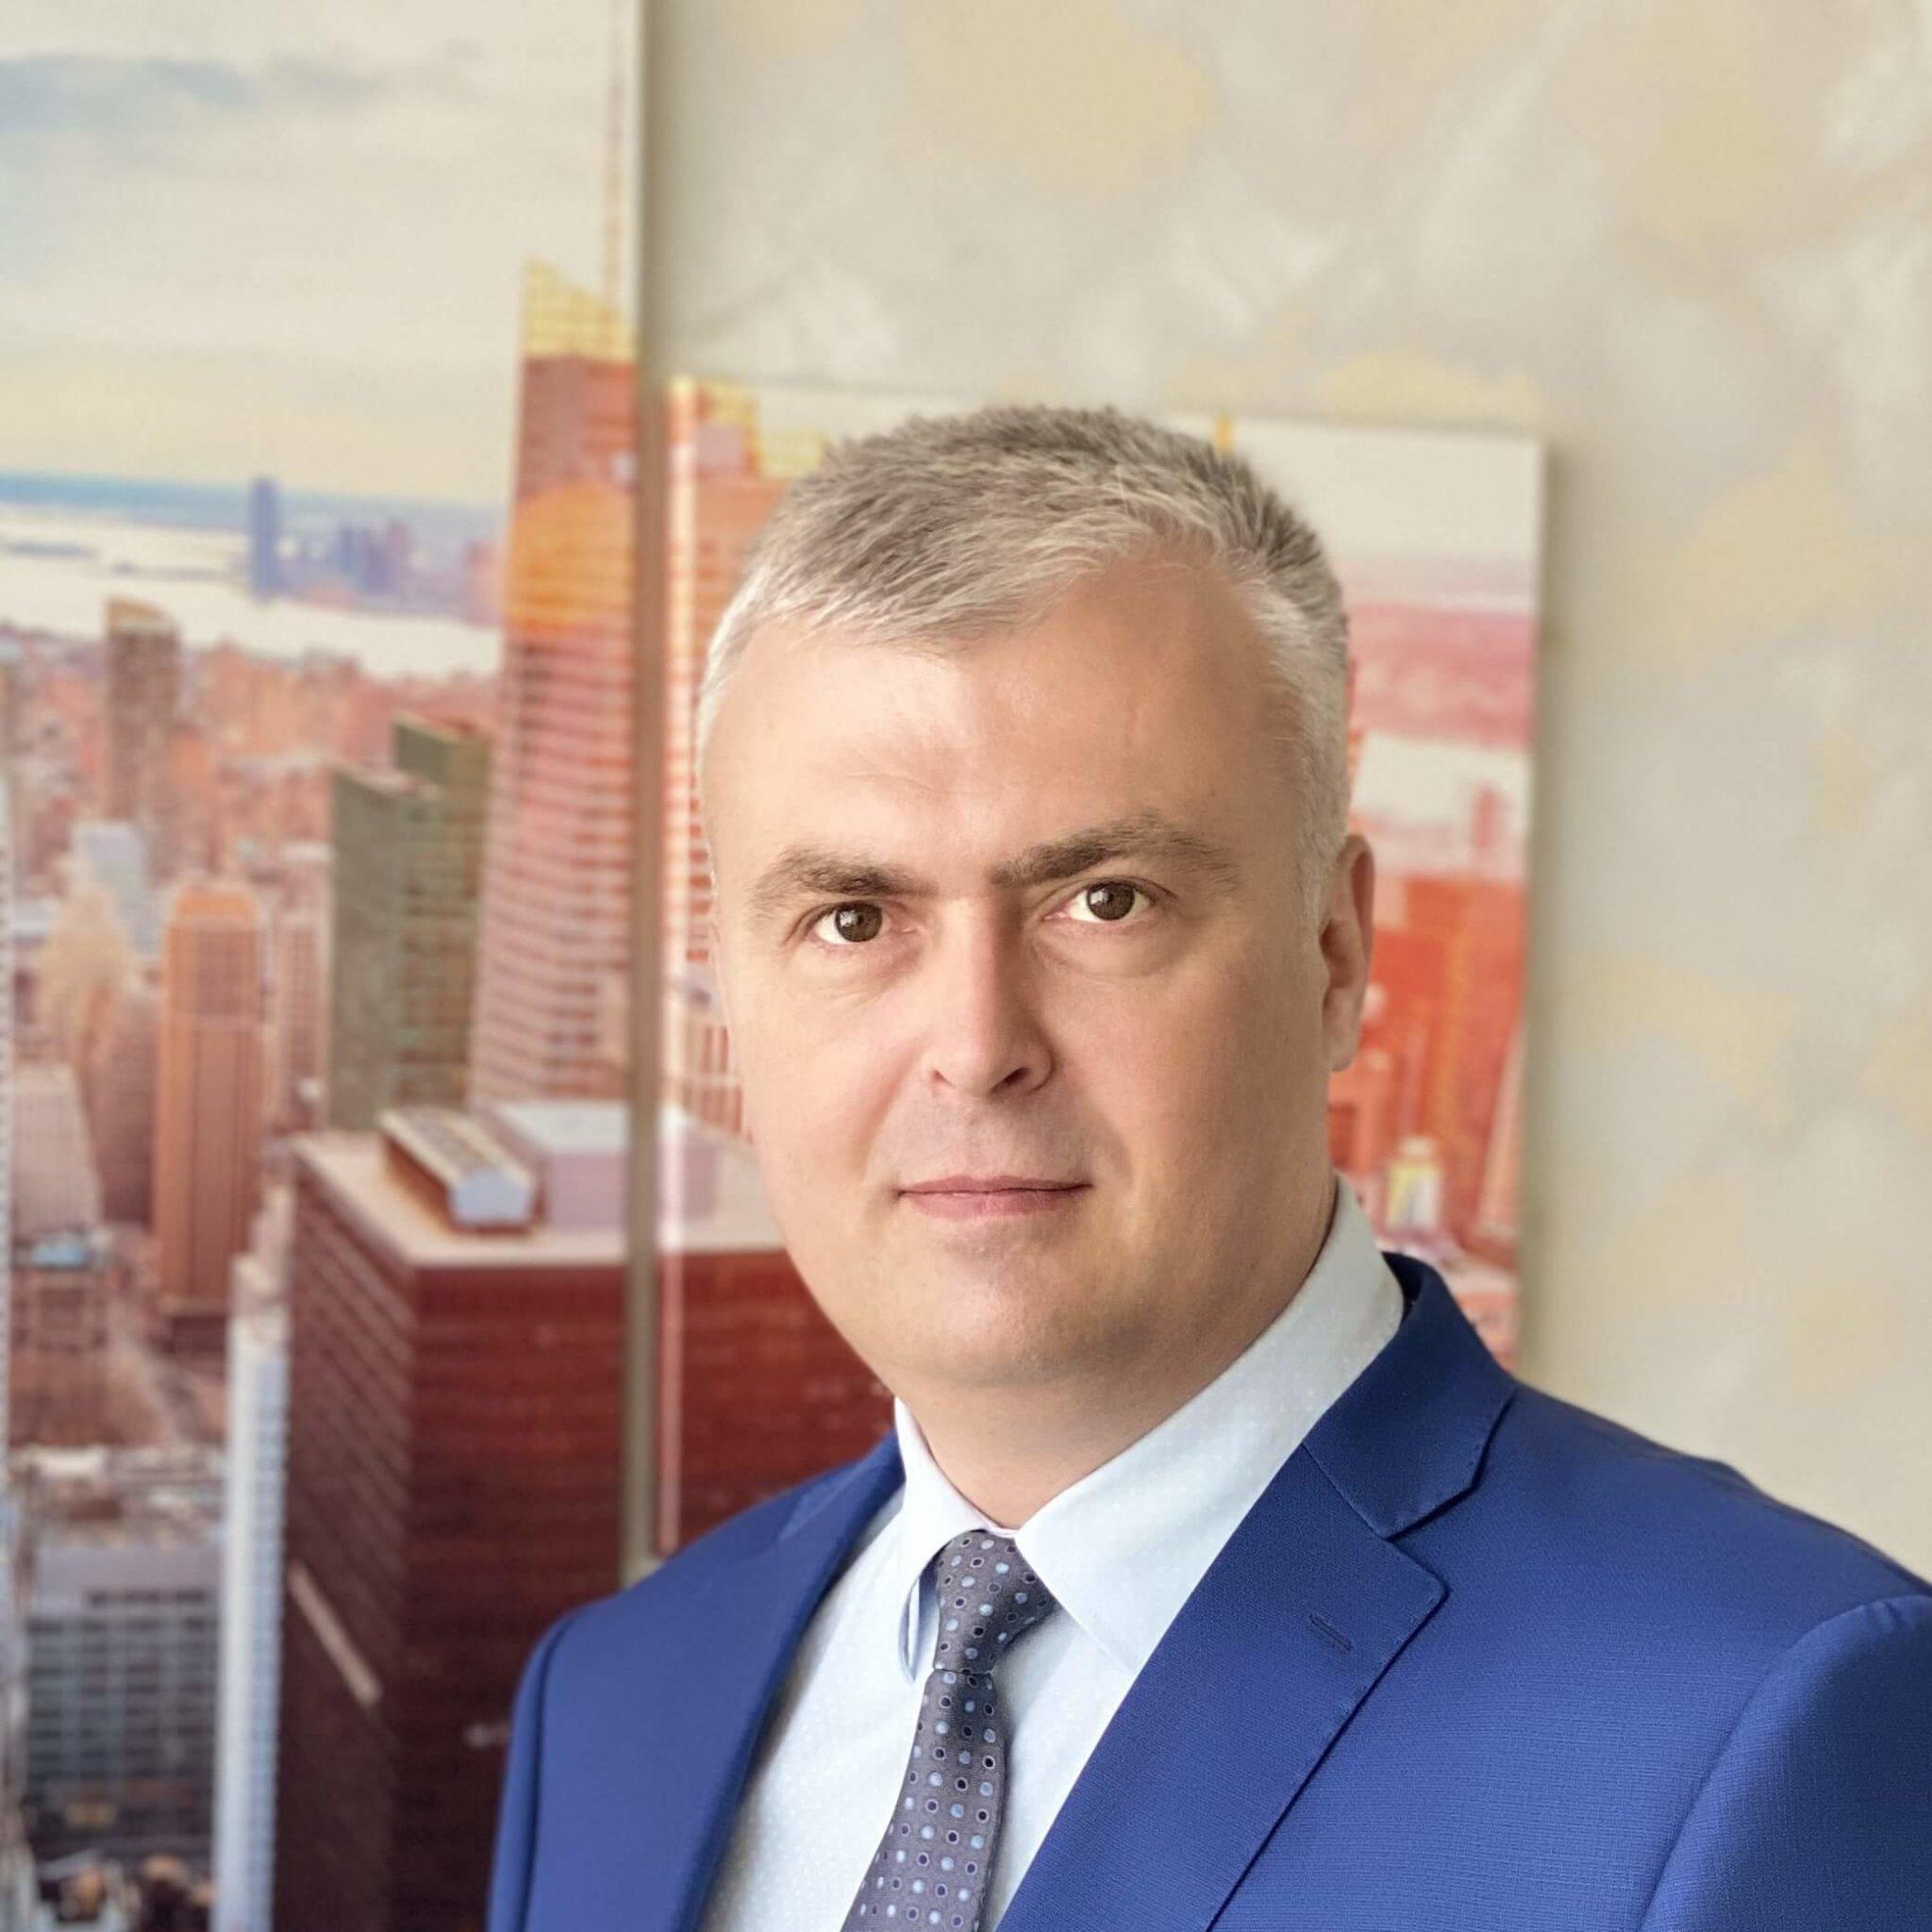 где получить юридическую консультацию в москве